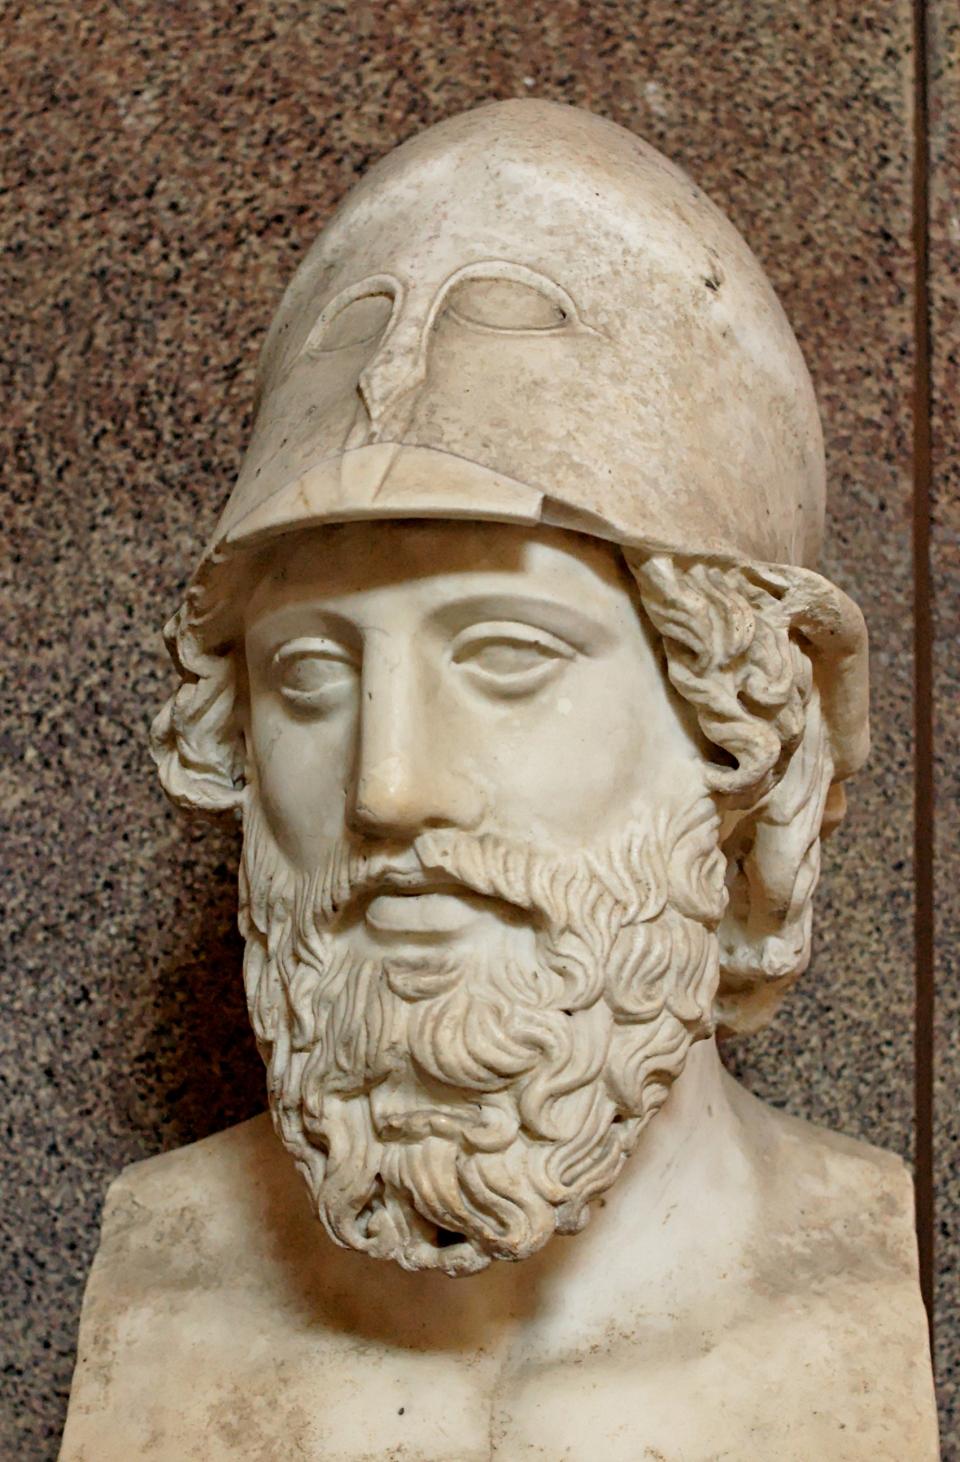 Ρωμαϊκή προτομή Έλληνα στρατηγού η οποία πιθανόν να ανήκει στον Παρμενίωνα_400 π.Χ_μουσείο Βατικανού